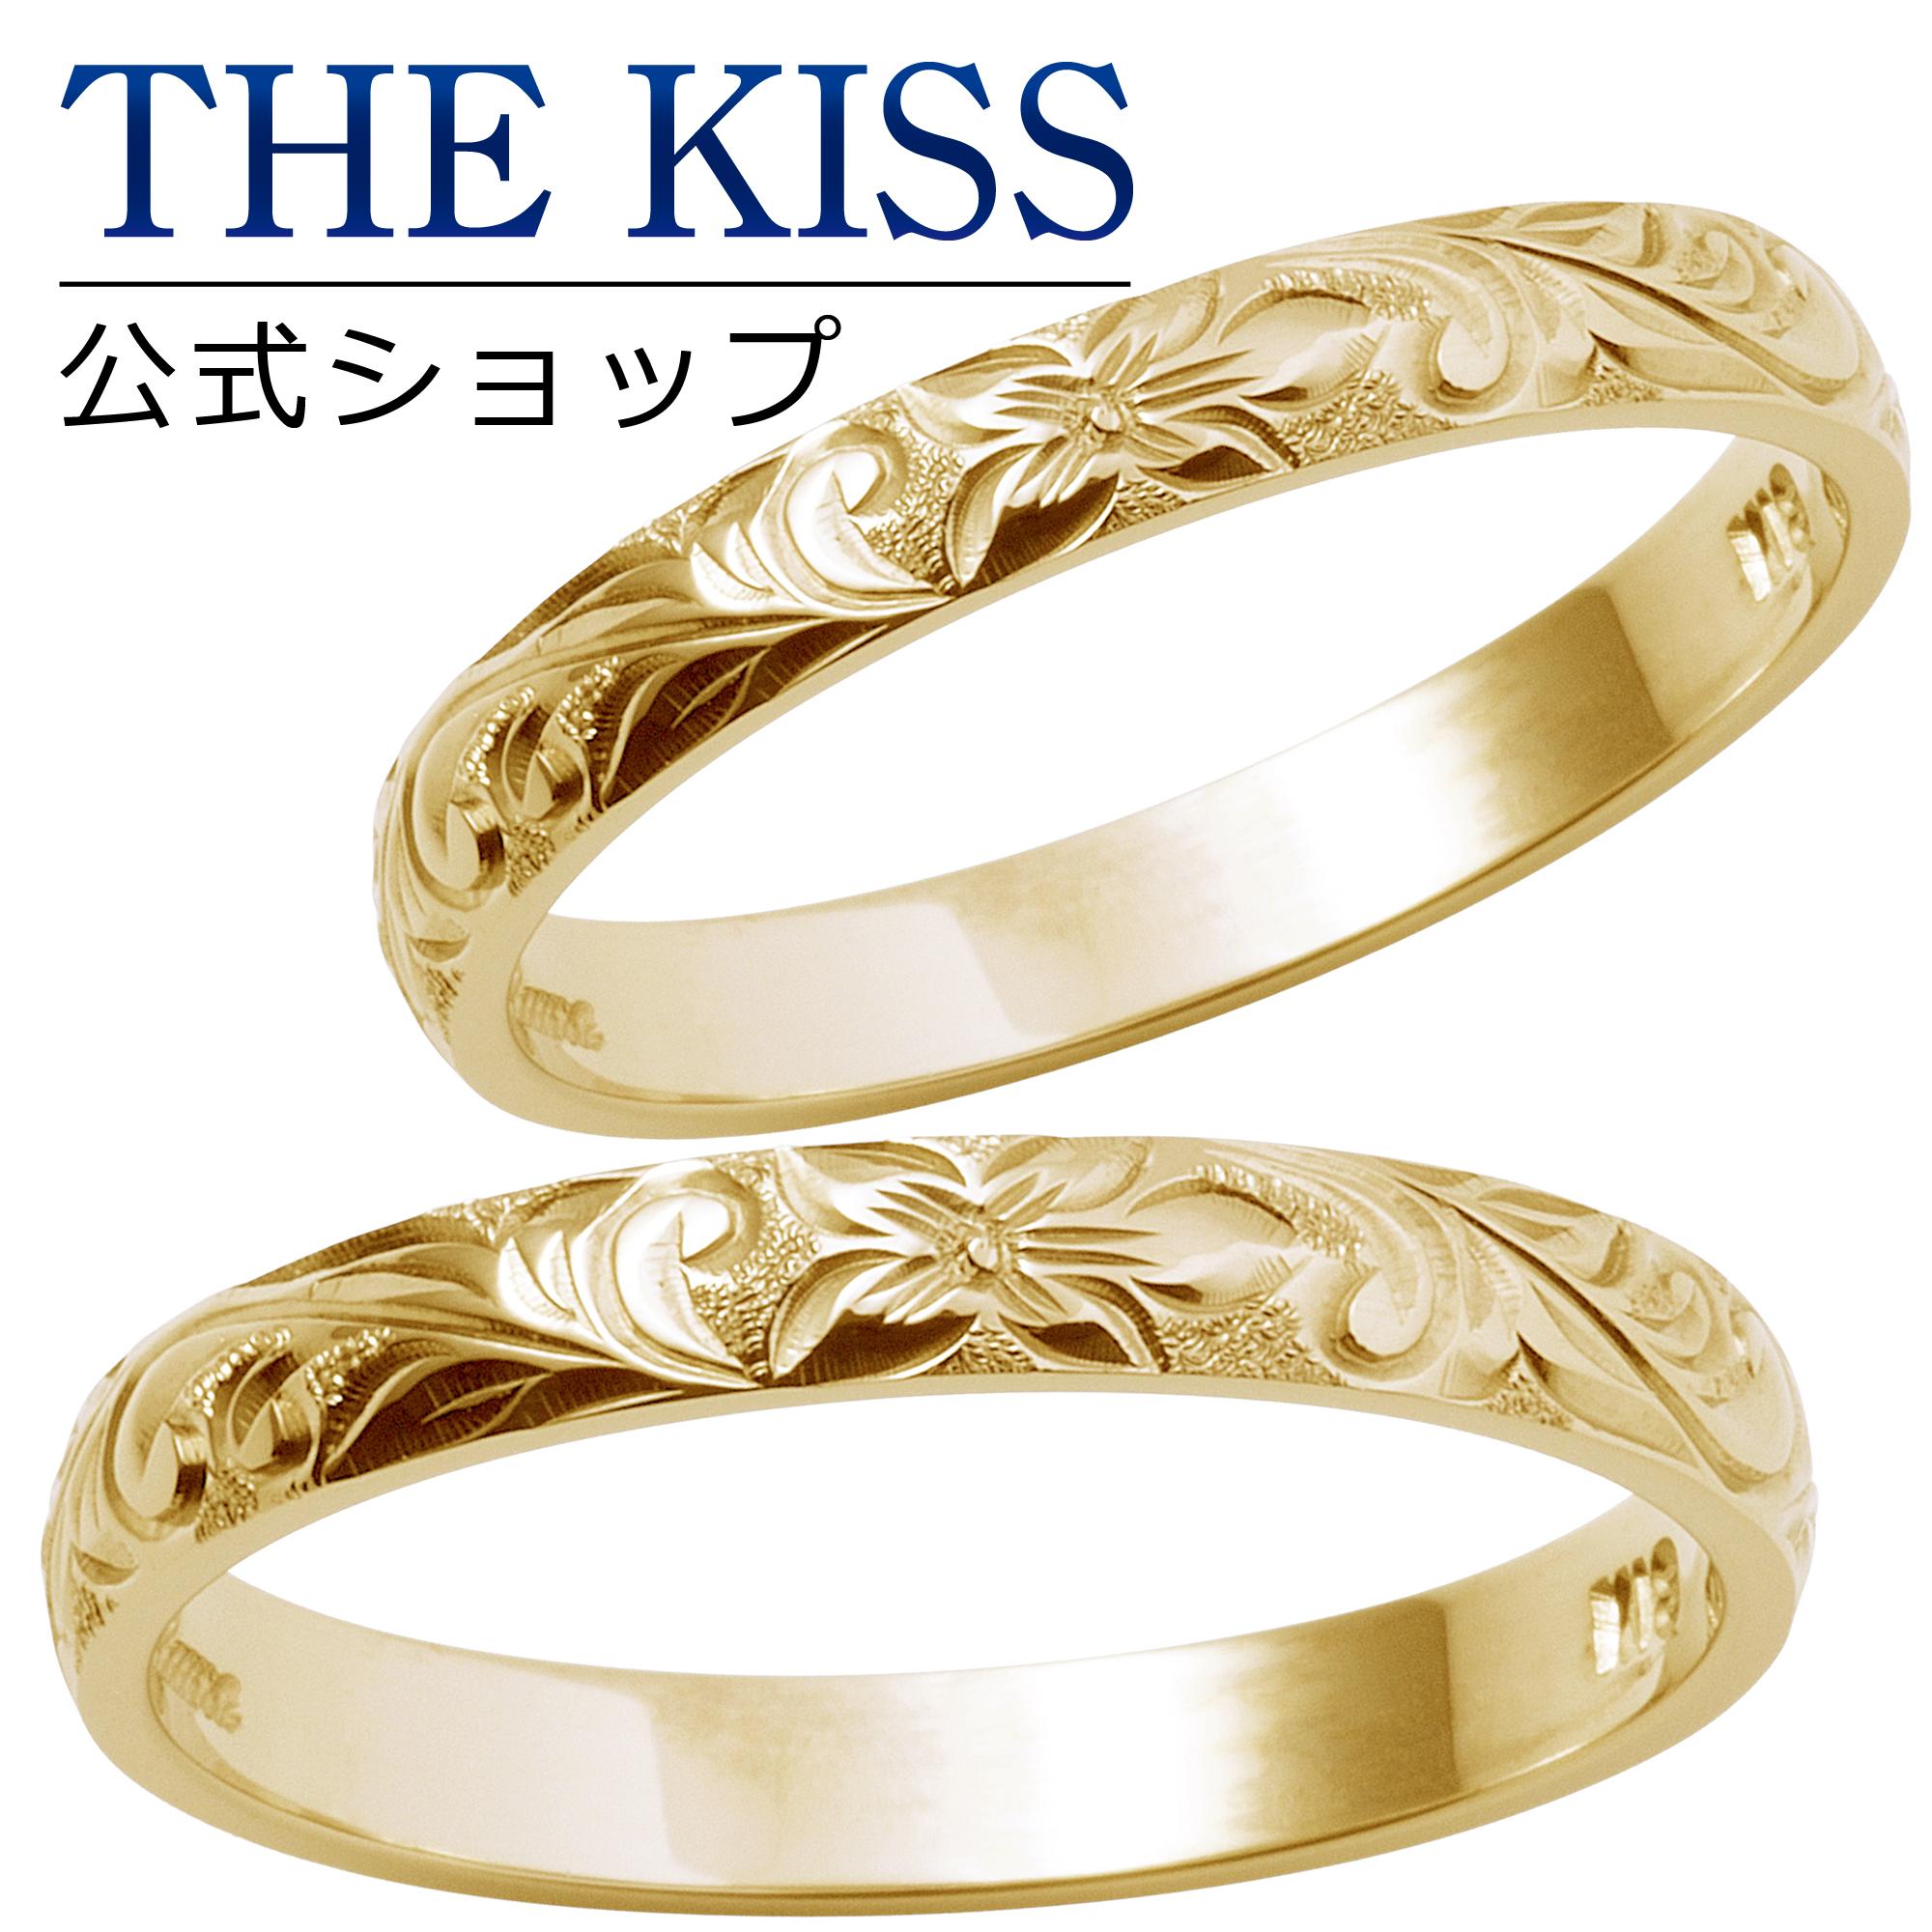 【刻印可_10文字】【Kahuna】 K18イエローゴールド マリッジリング ハワイアンジュエリー Princess プリンセス 結婚指輪 ペアリング THE KISS ザキッス リング・指輪 50W-RB-11-110_50W-RB-11-120_YG セット シンプル 男性 女性 2個ペア ザキス 【送料無料】